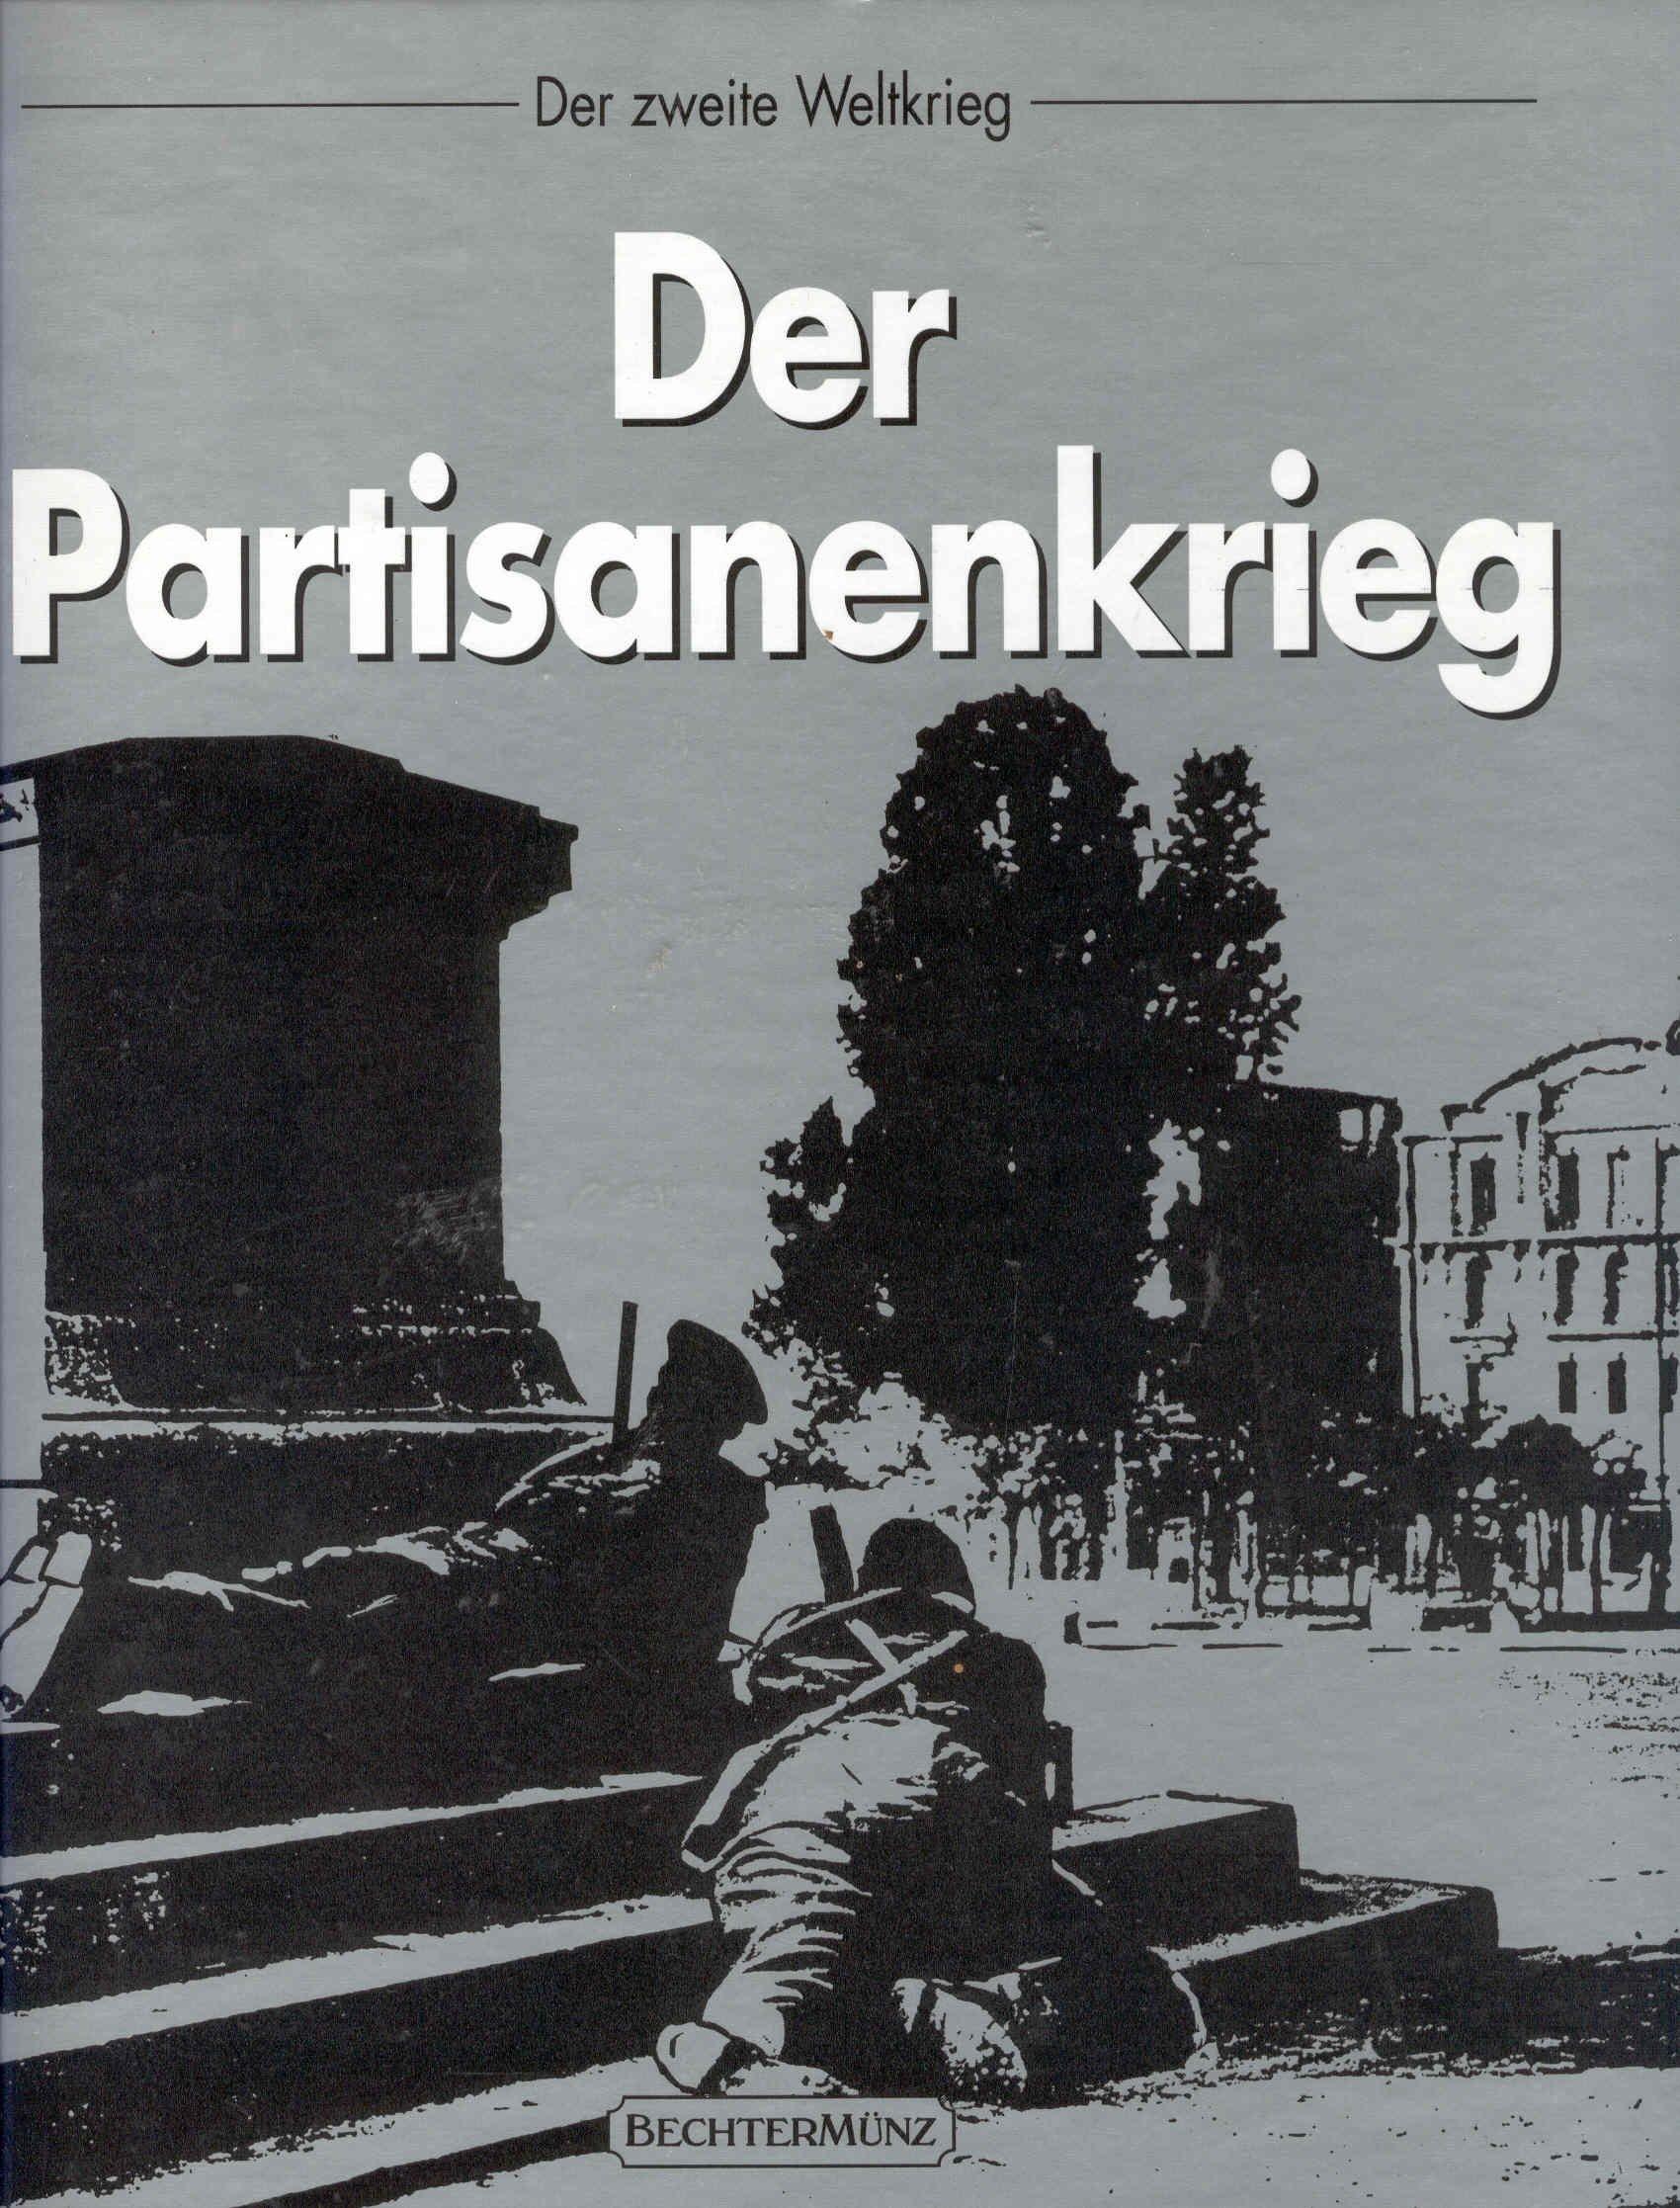 Der Partisanenkrieg